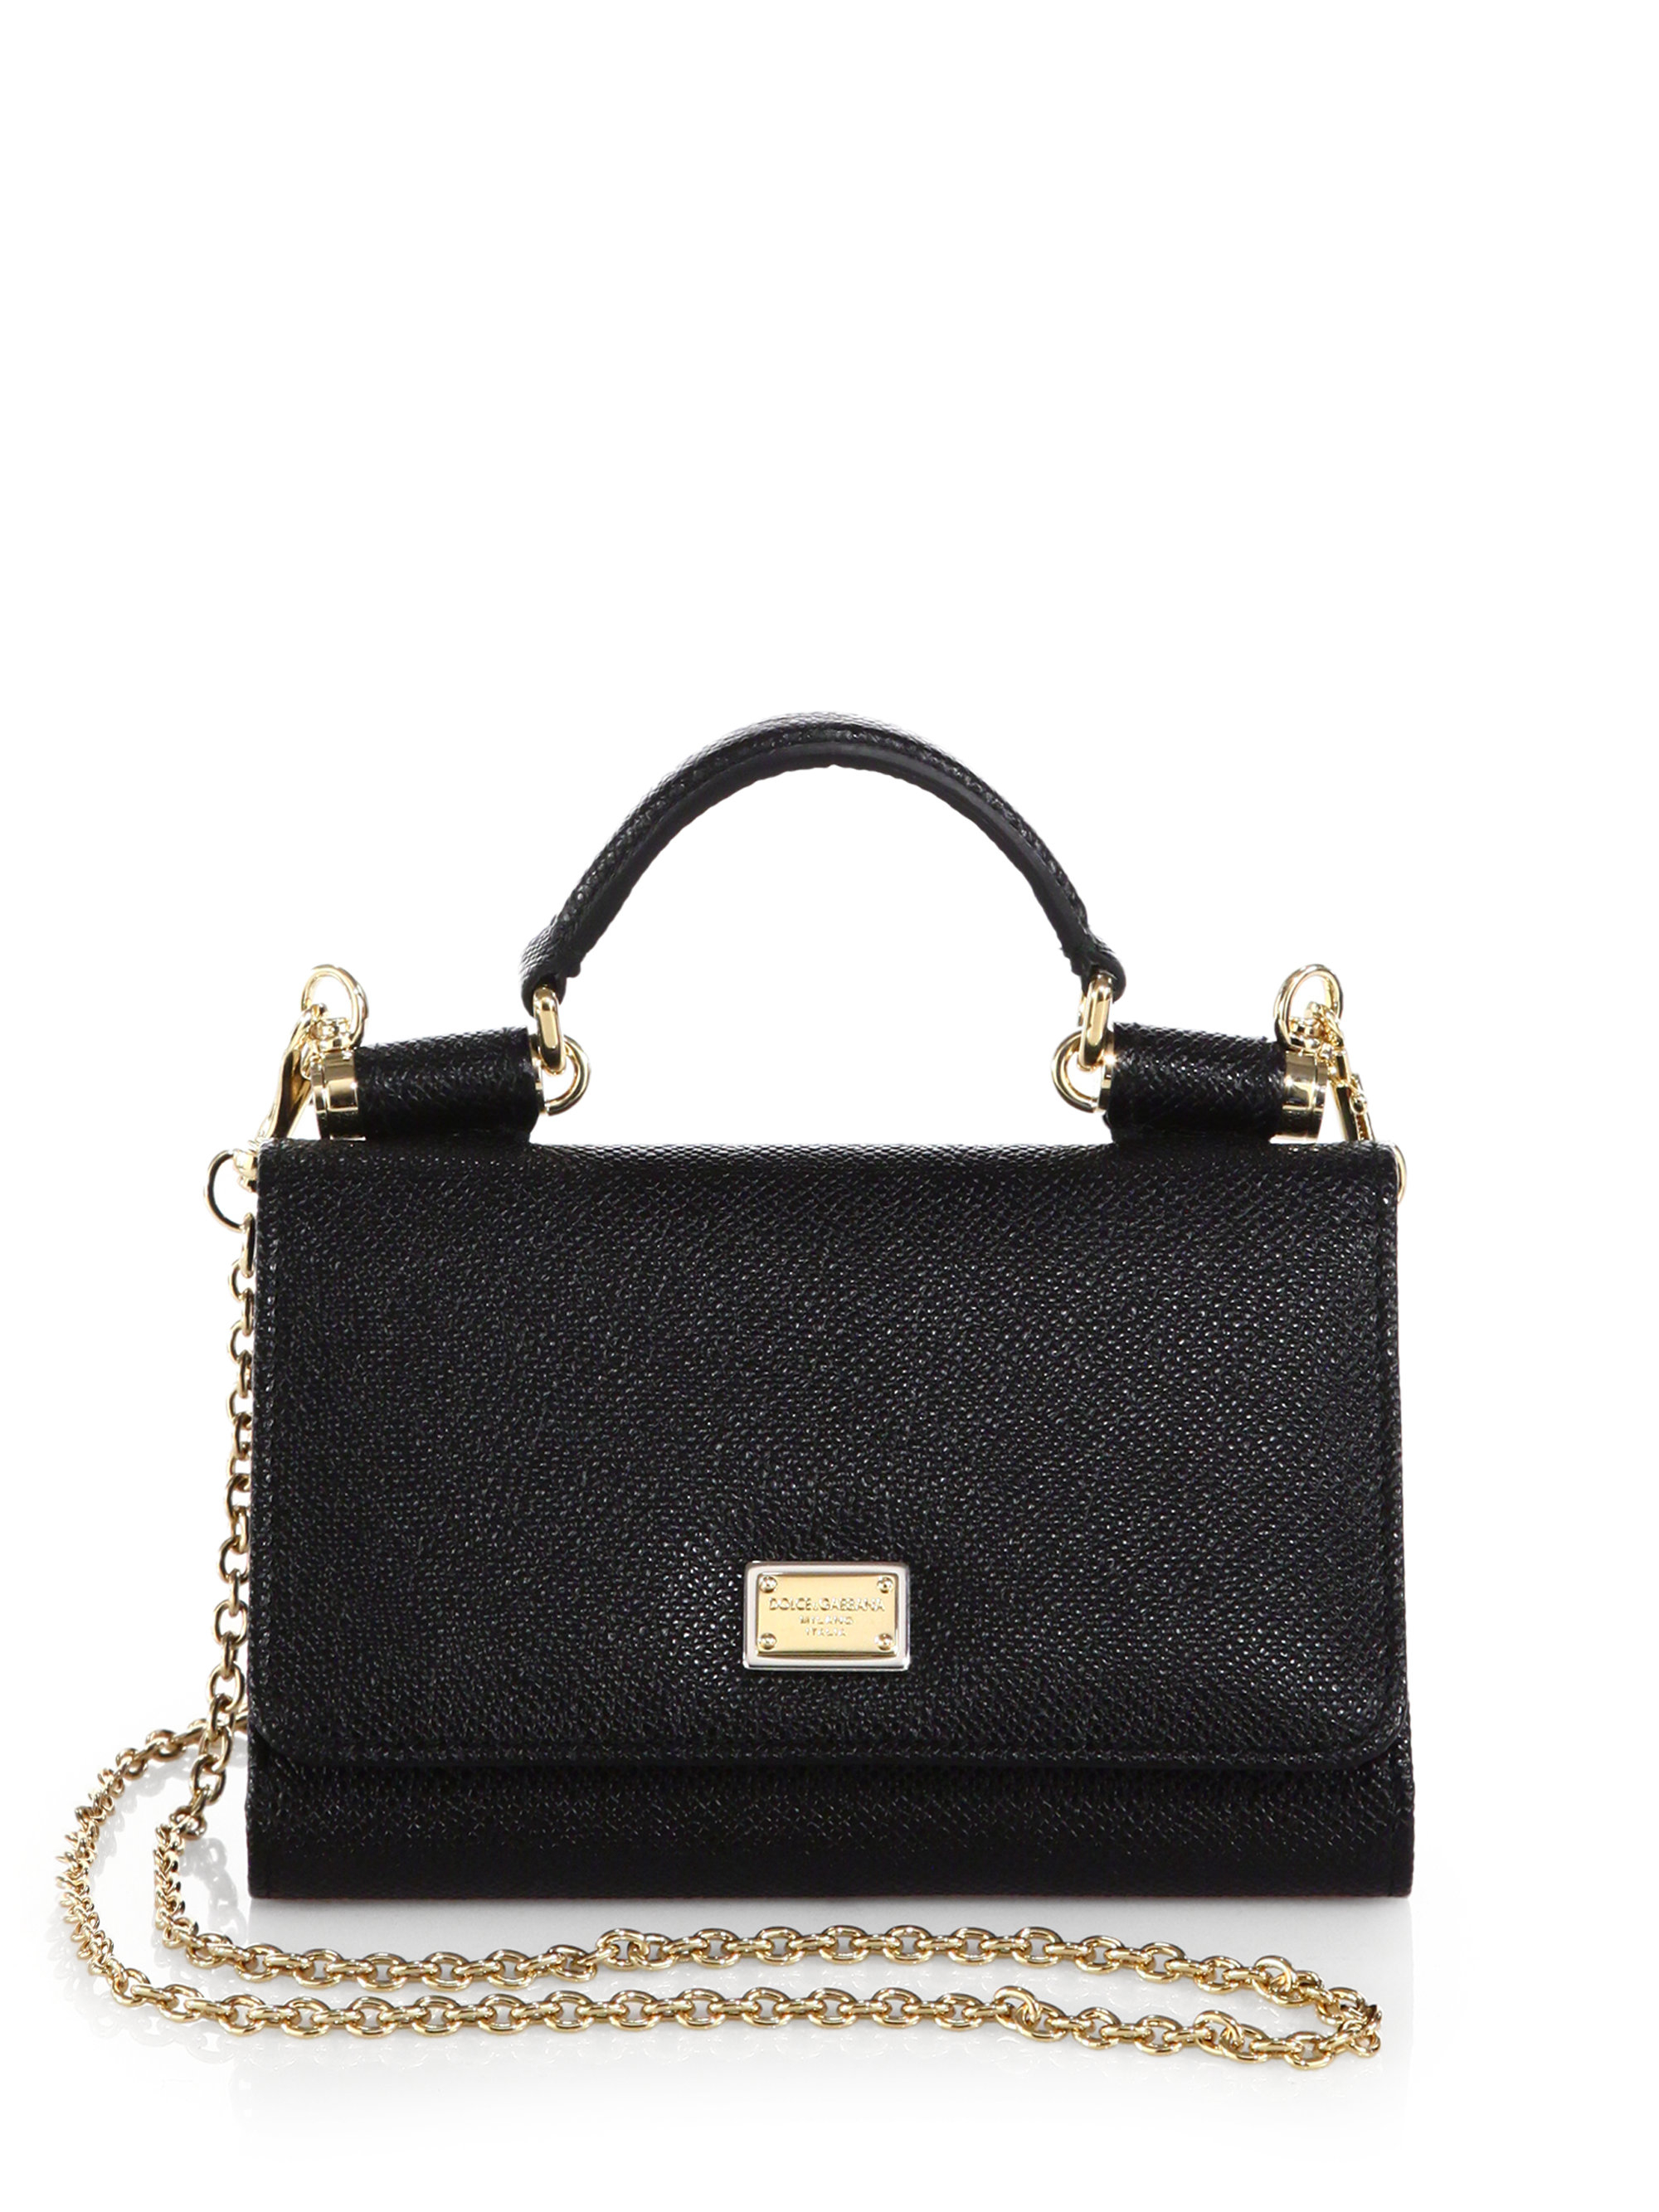 1f450a43b1b2 Lyst - Dolce   Gabbana Miss Sicily Mini Chain Wallet in Black